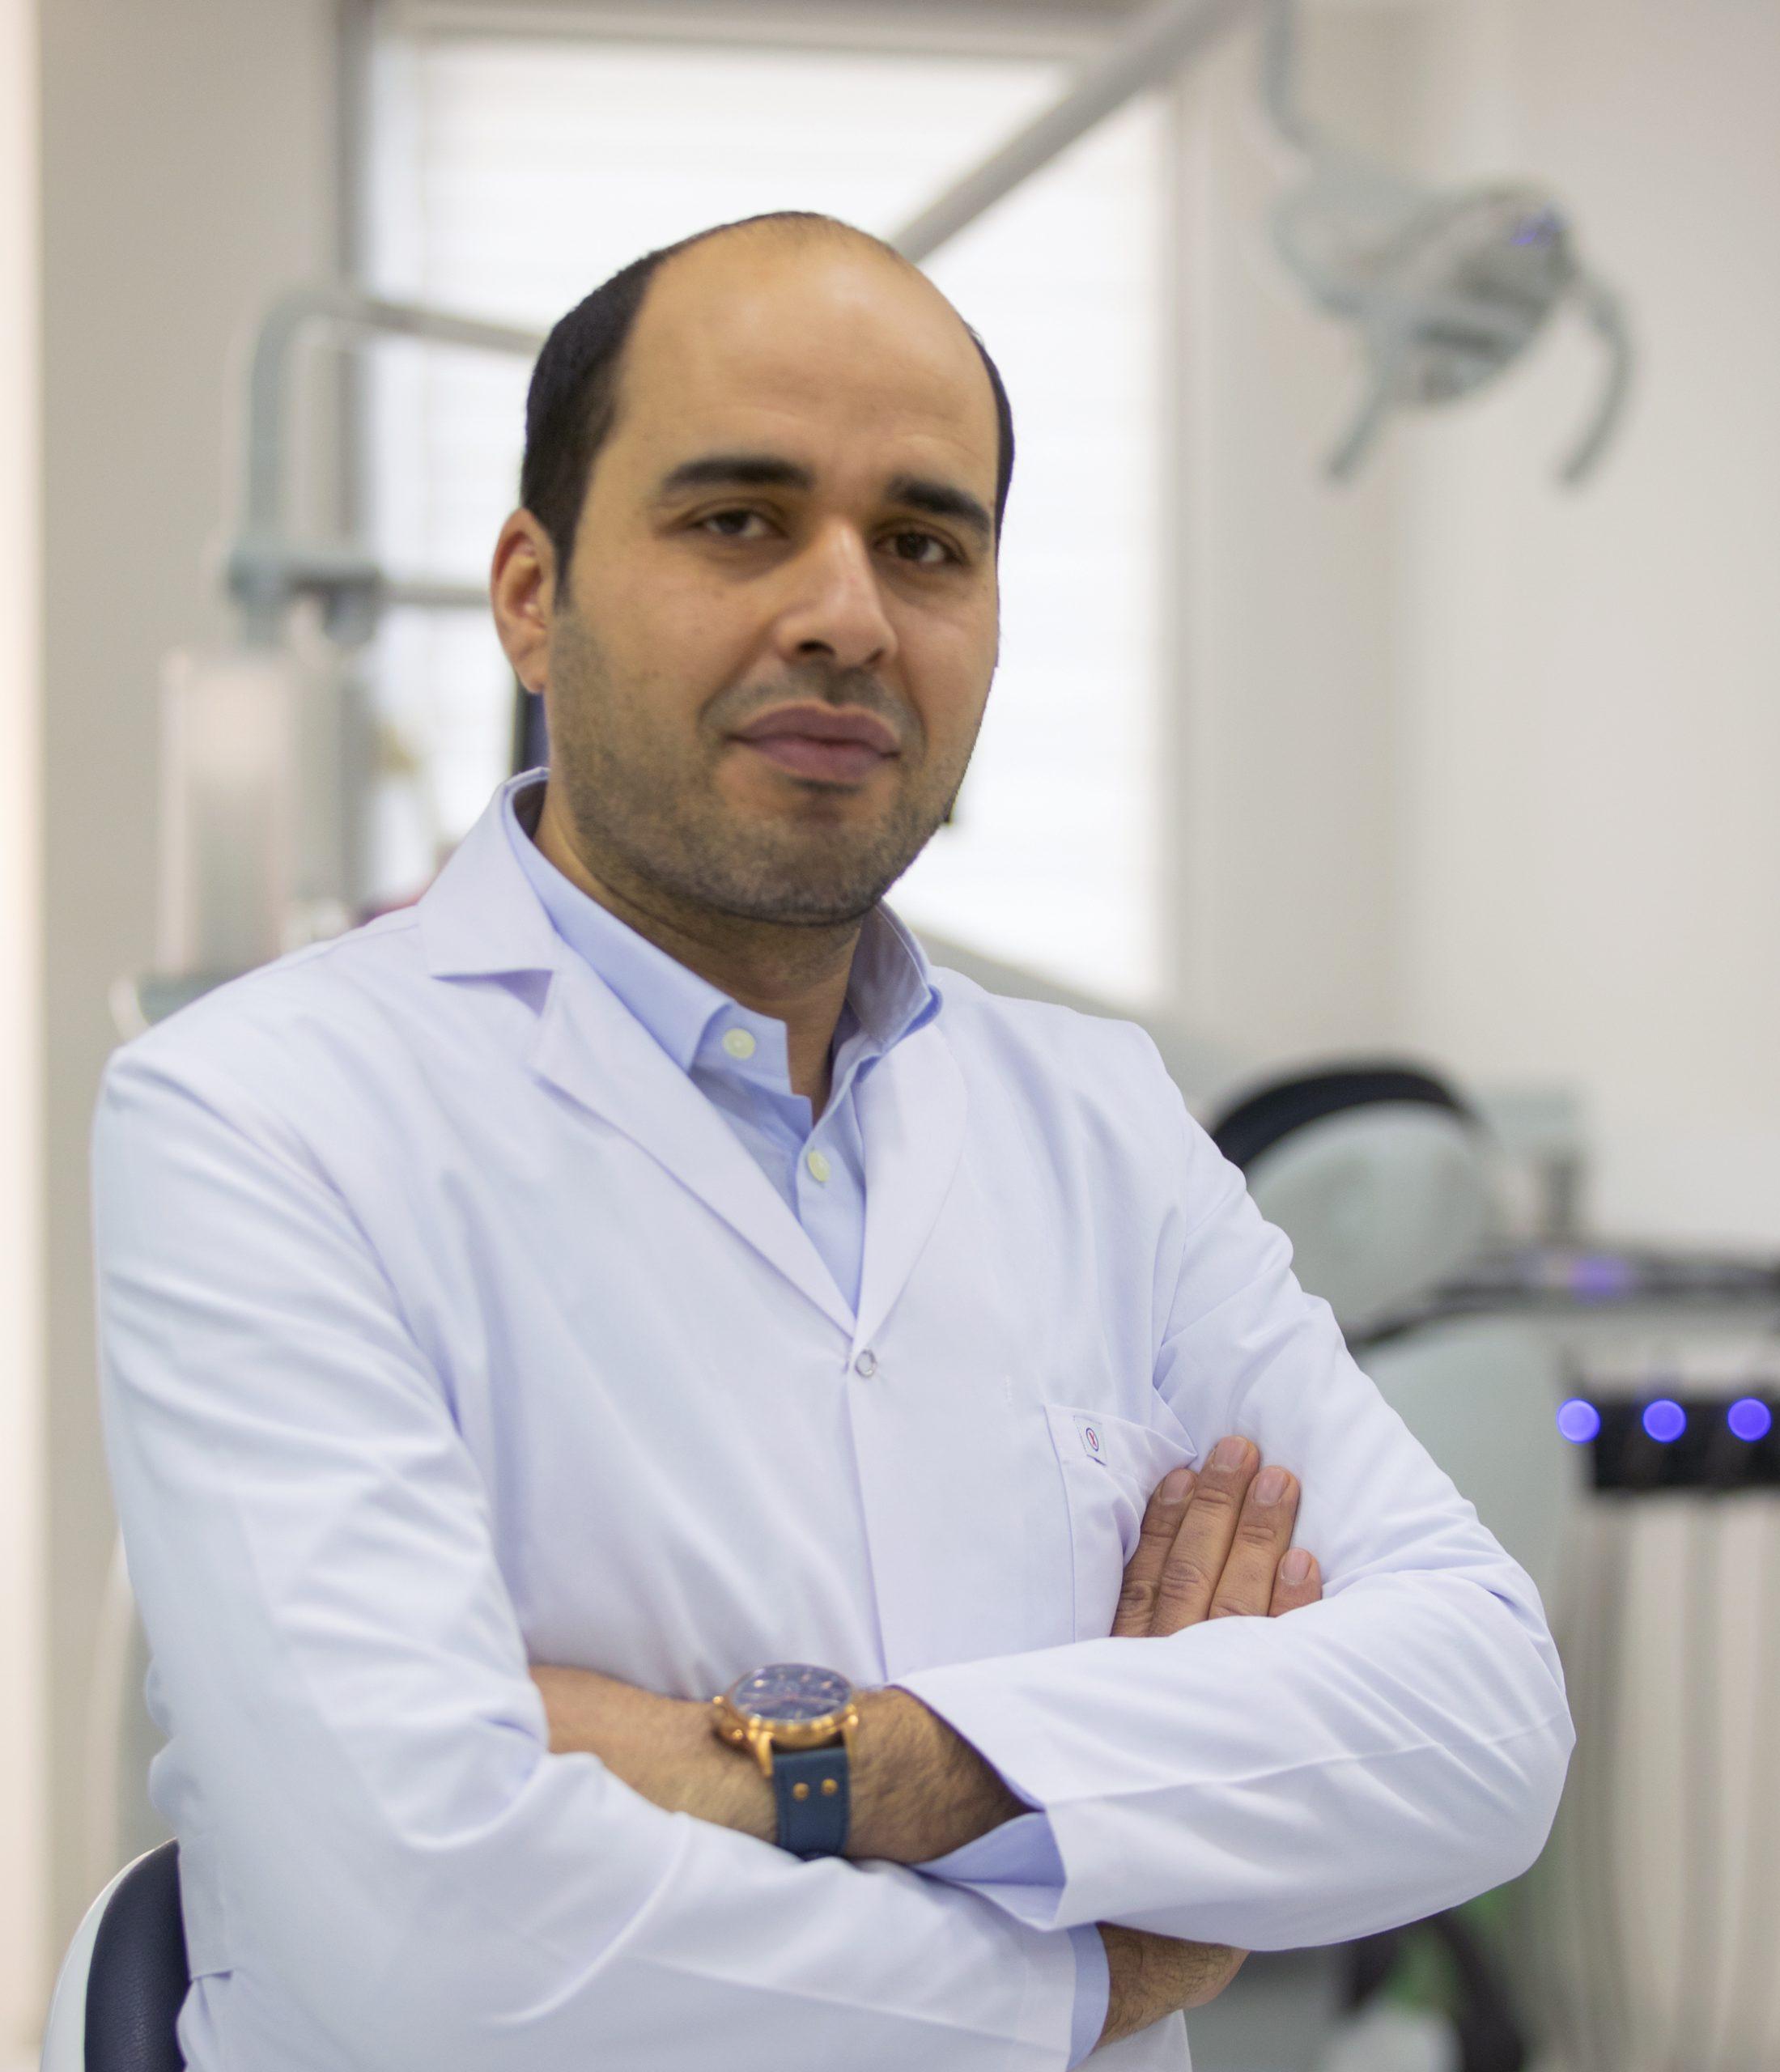 طبيب أسنان في اسطنبول تركيا